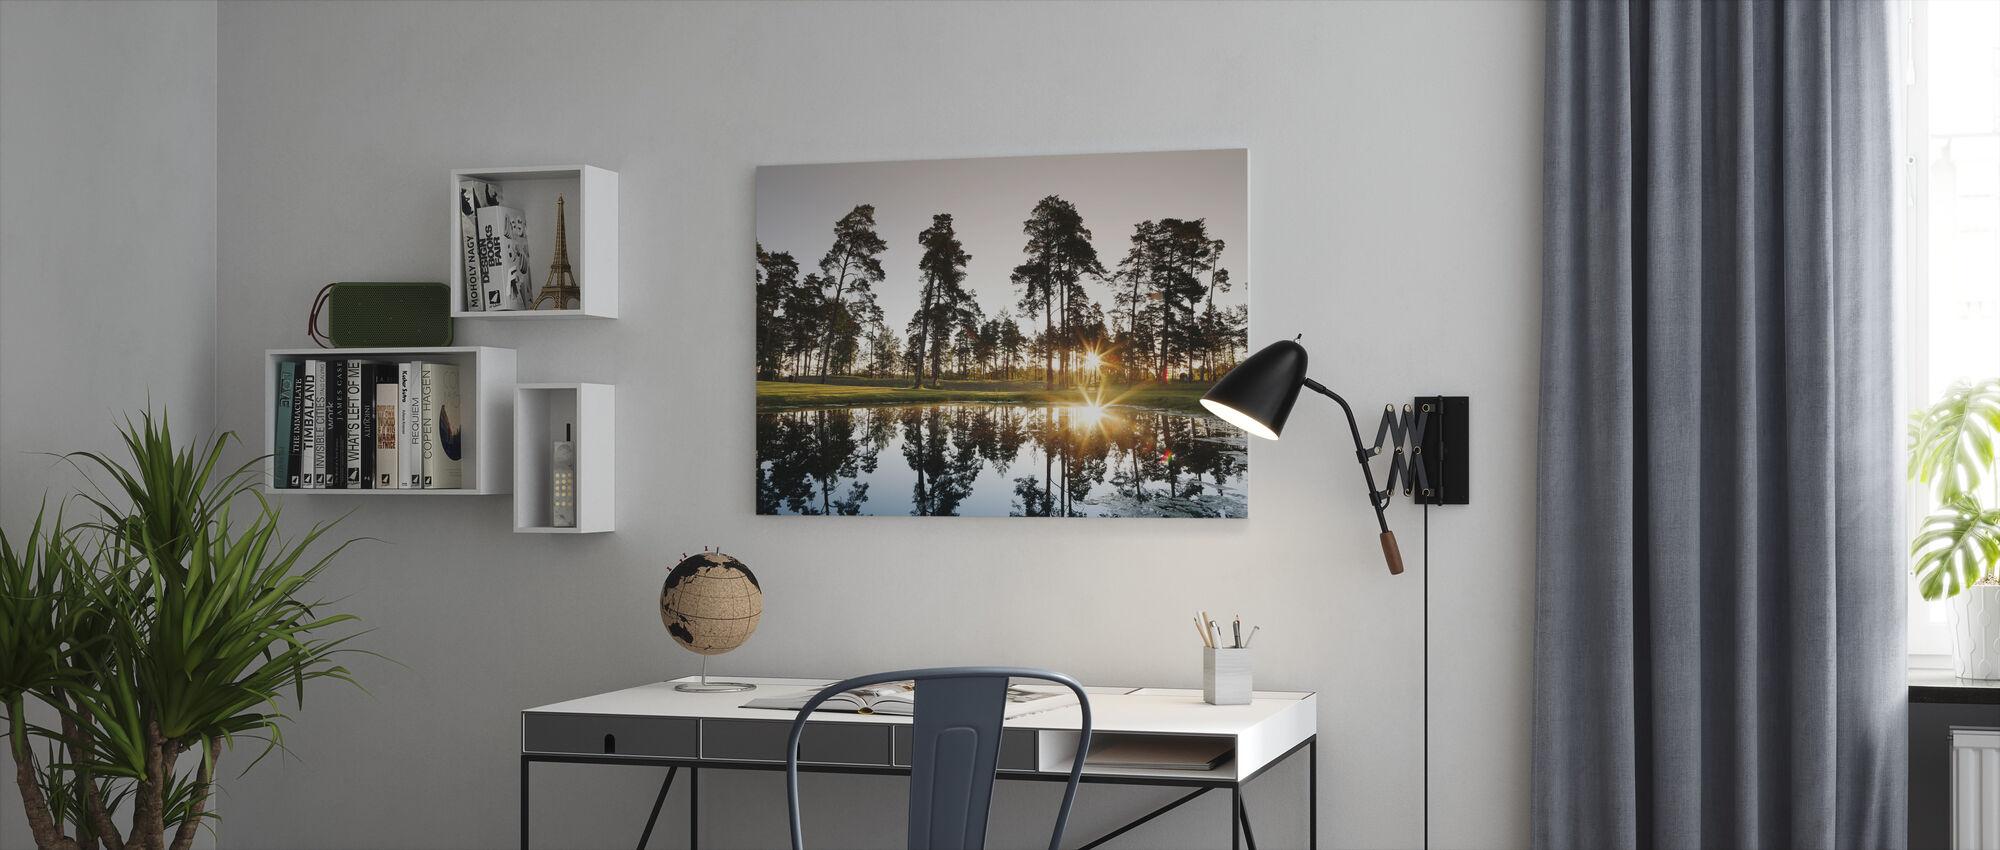 Soloppgang over Drottningholm, Sverige - Lerretsbilde - Kontor